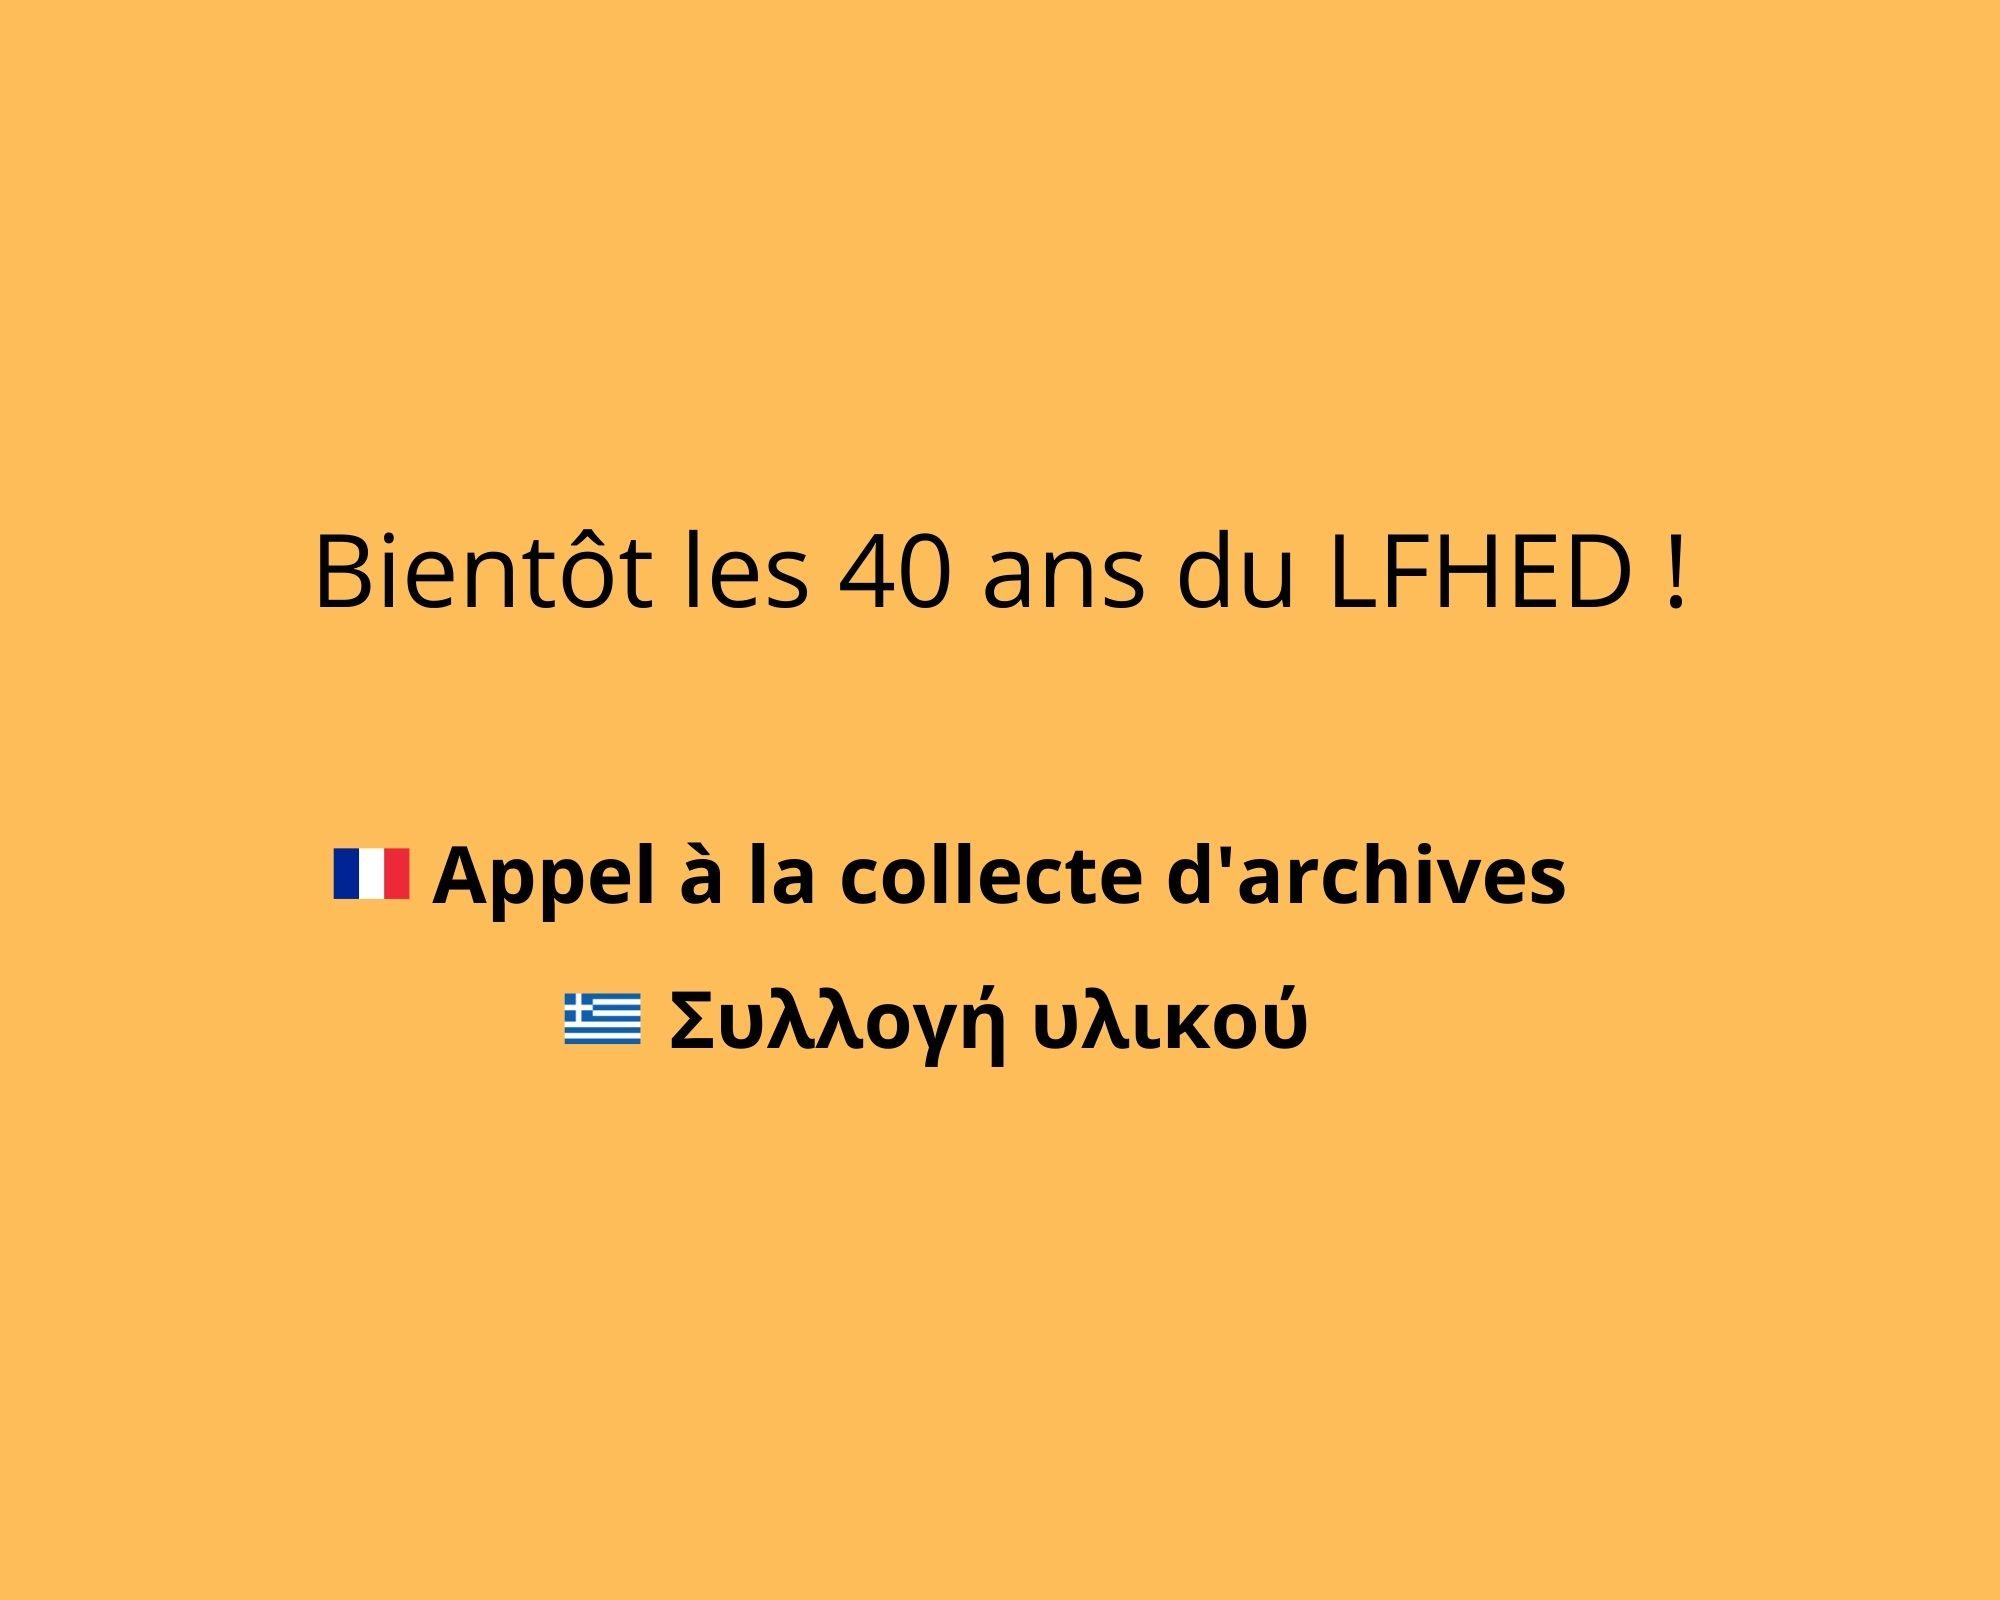 Appel à la collecte d'archives pour les 40 ans du LFHED